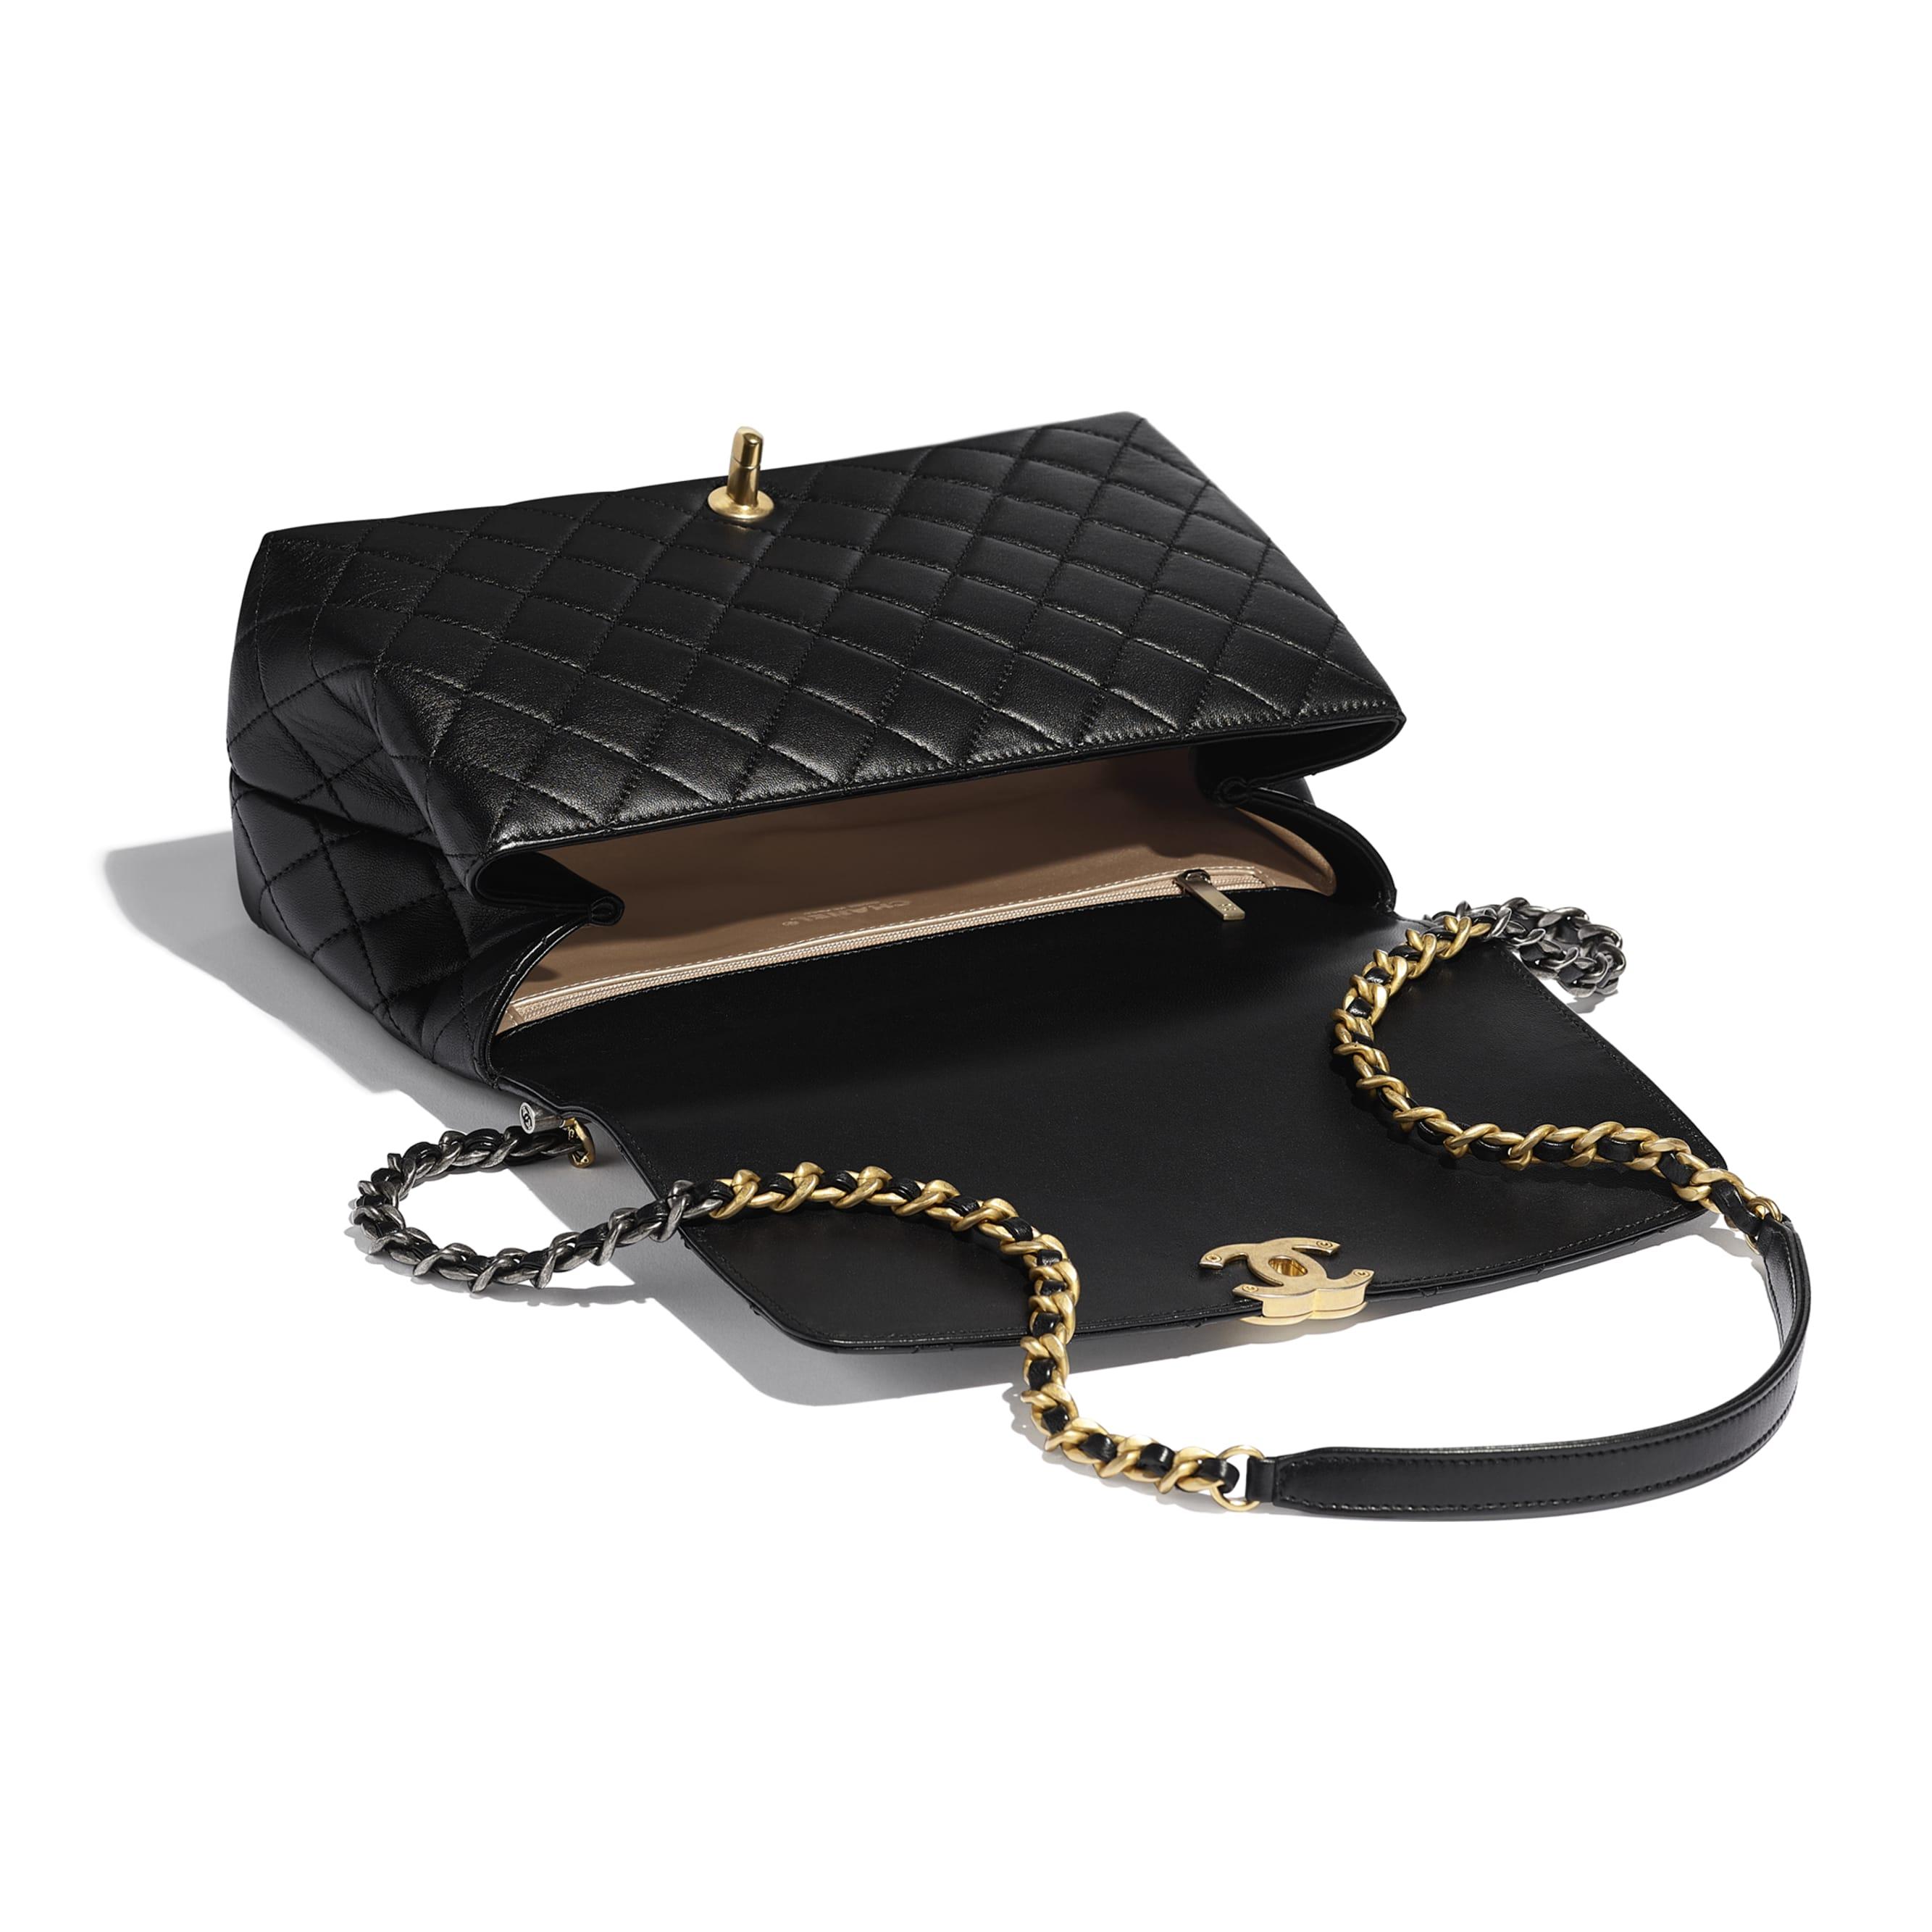 Grand sac à rabat avec poignée - Noir - Agneau, métal doré & finition ruthénium - CHANEL - Autre vue - voir la version taille standard